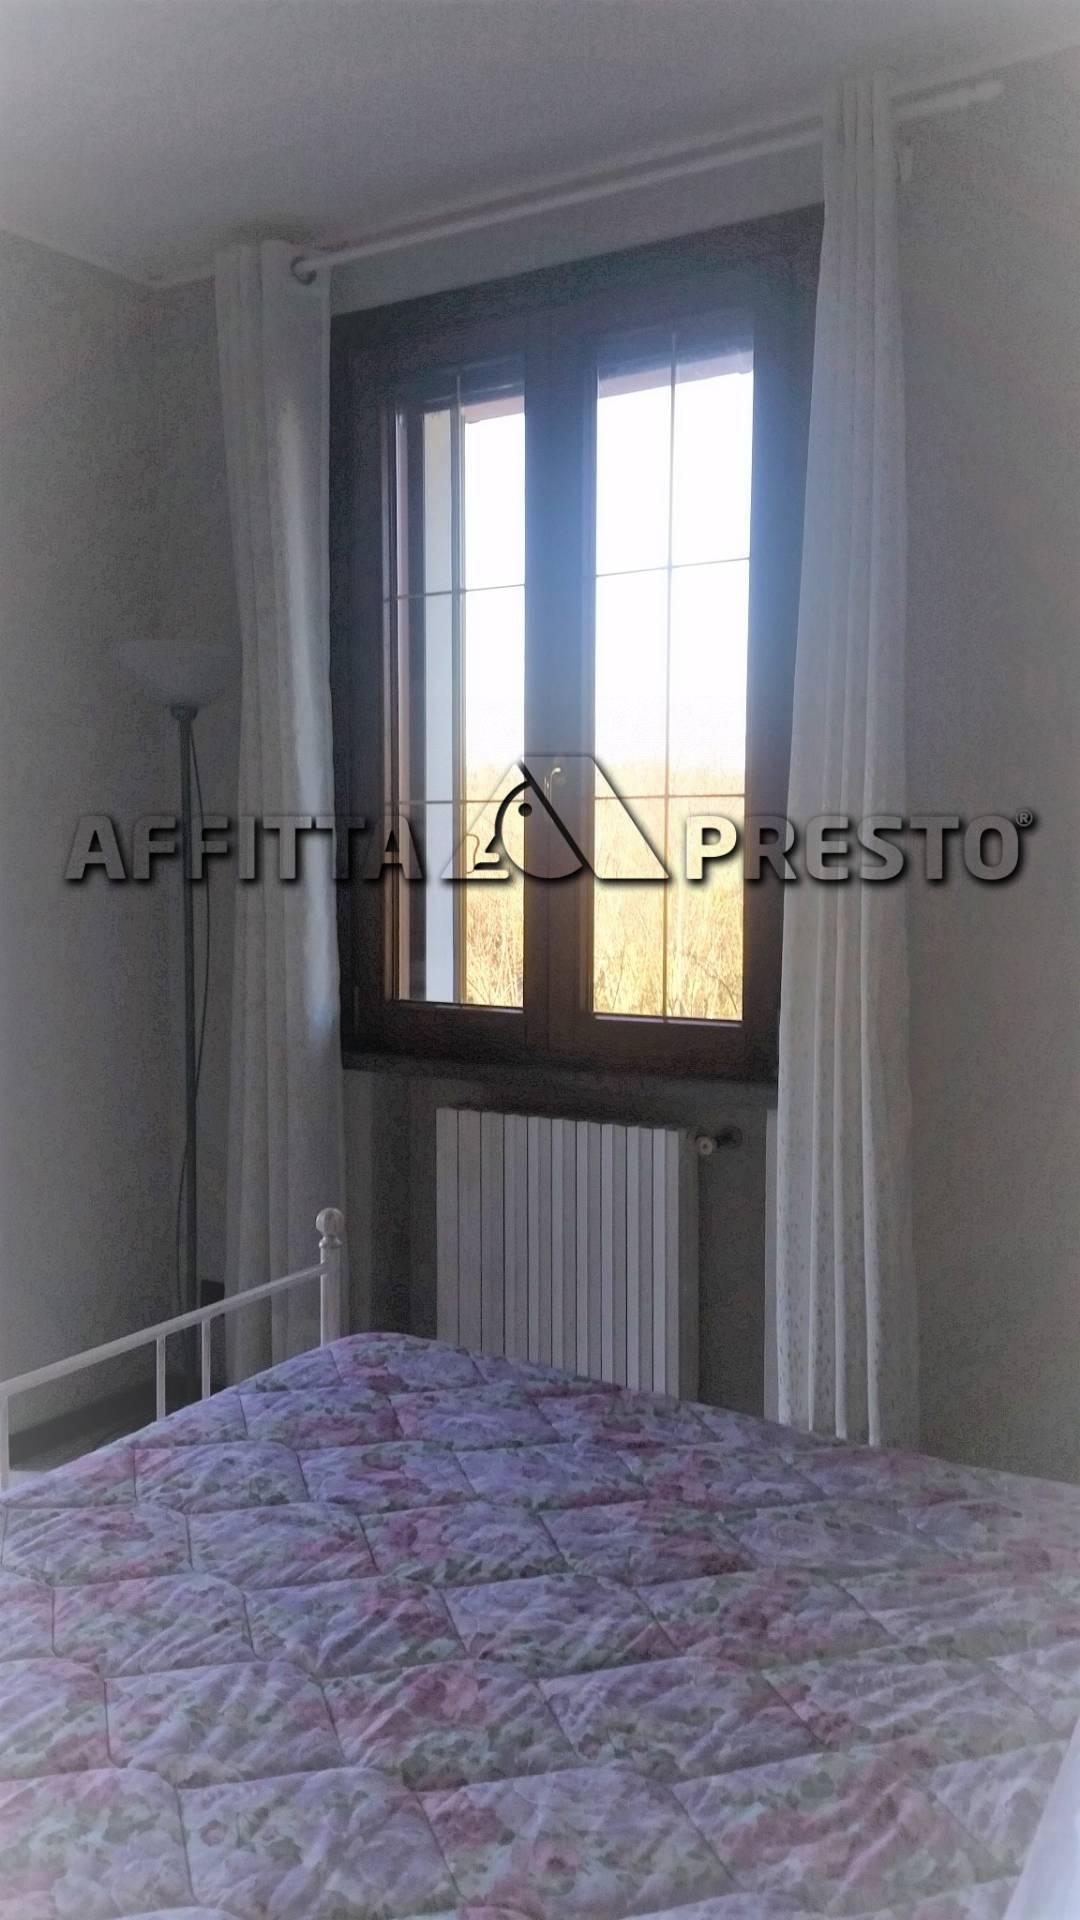 Appartamento in affitto residenziale - Ponsacco